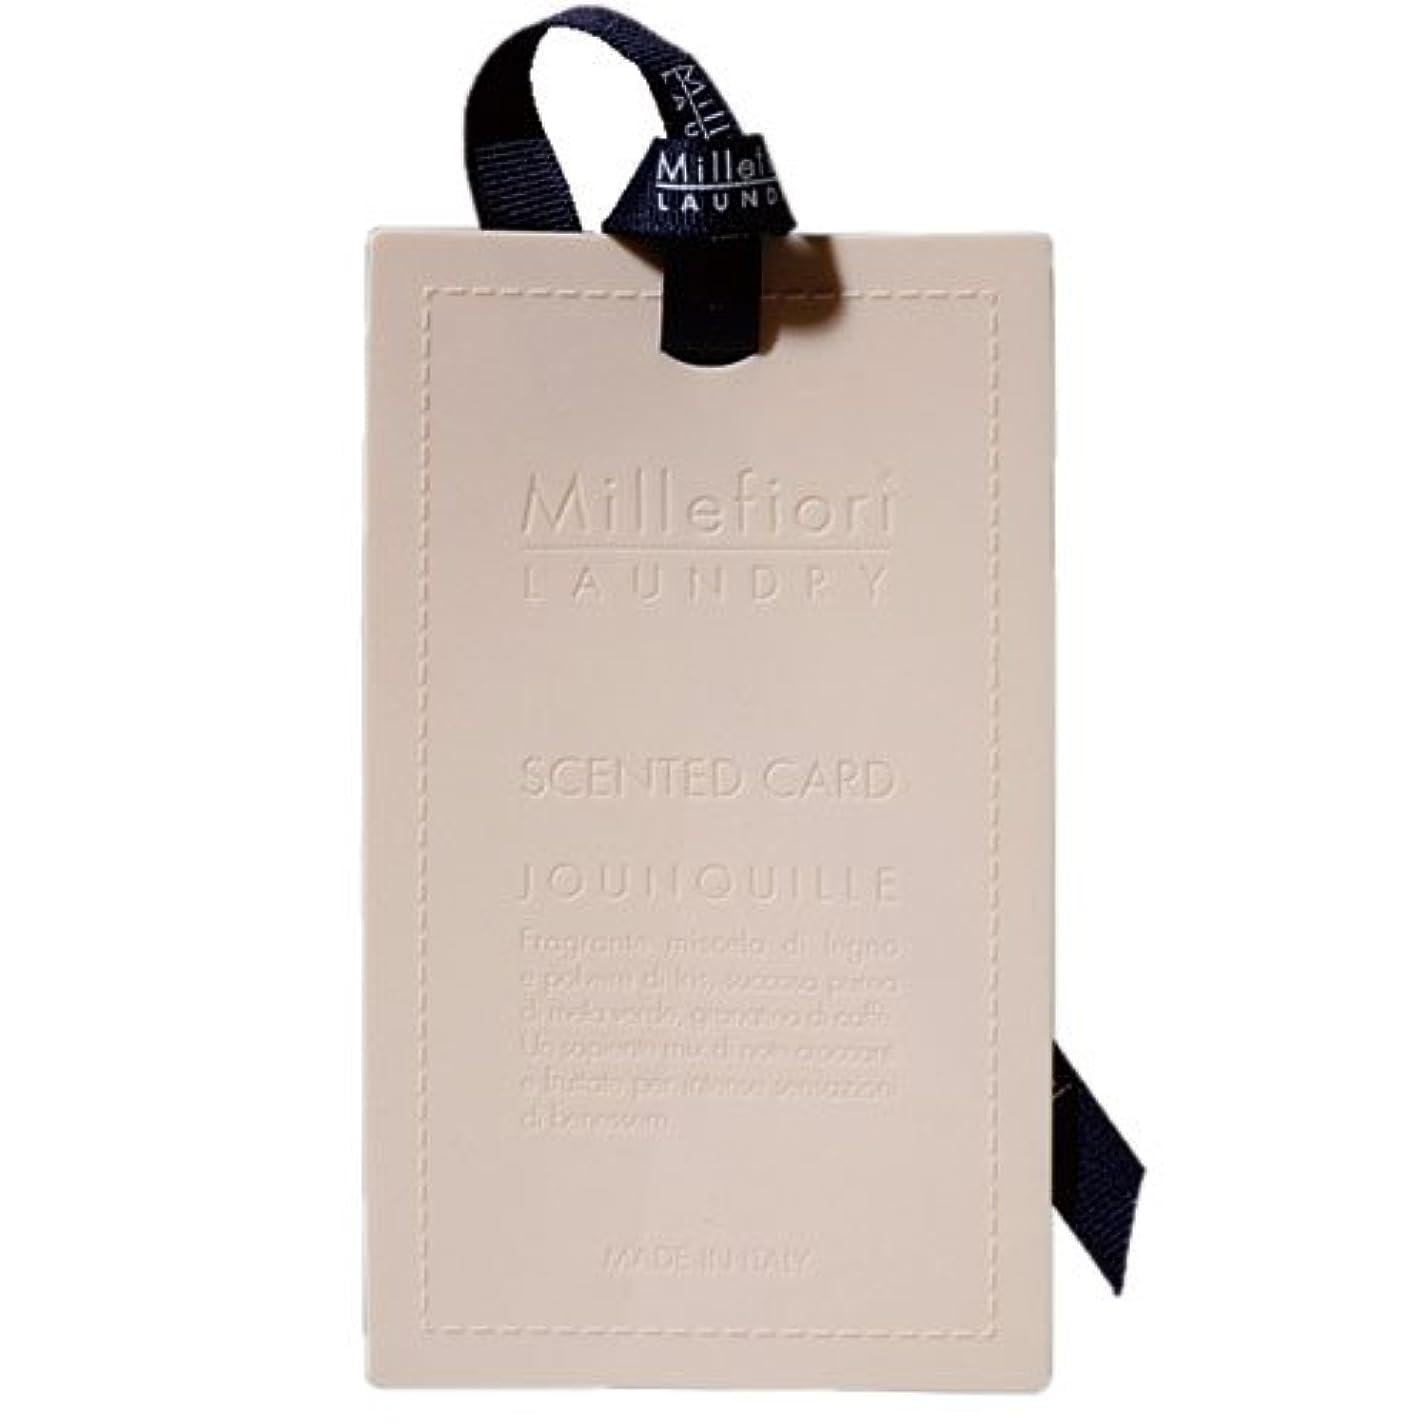 鏡トリプル町Millefiori センテッドカード ナルシス CARD-A-001